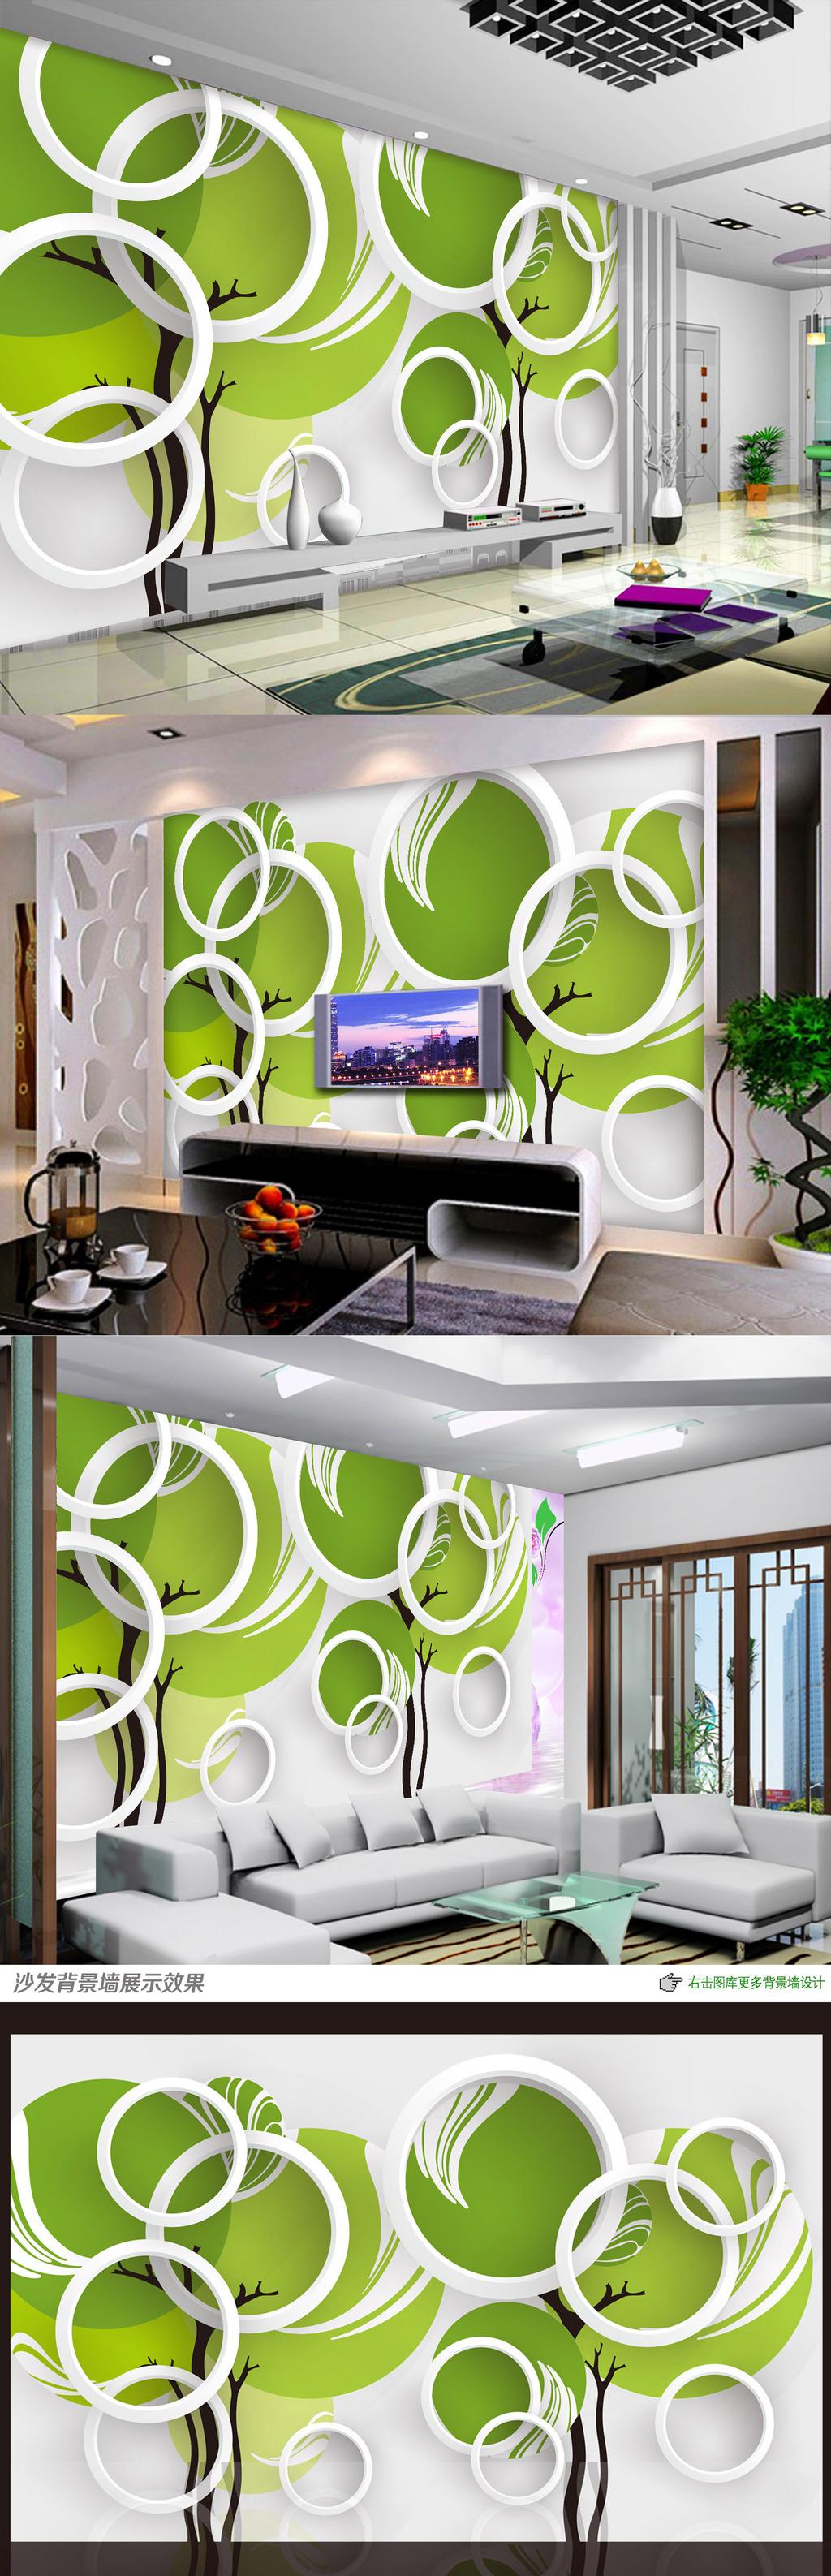 客厅3d立体手绘树木电视背景墙